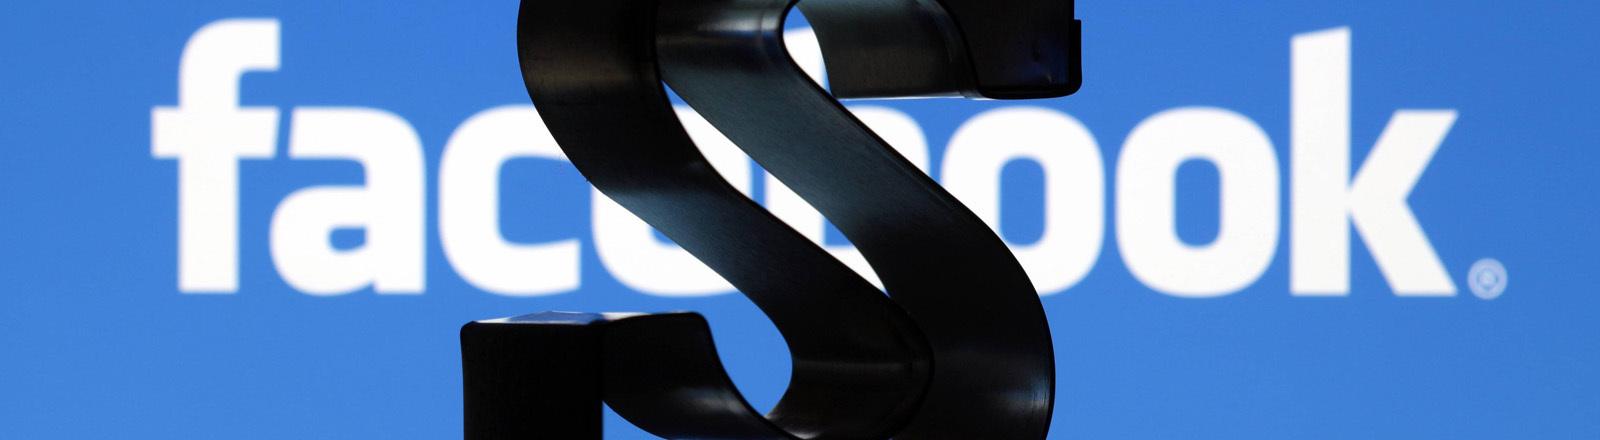 Dollar Zeichen mit Facebook im Hintergrund